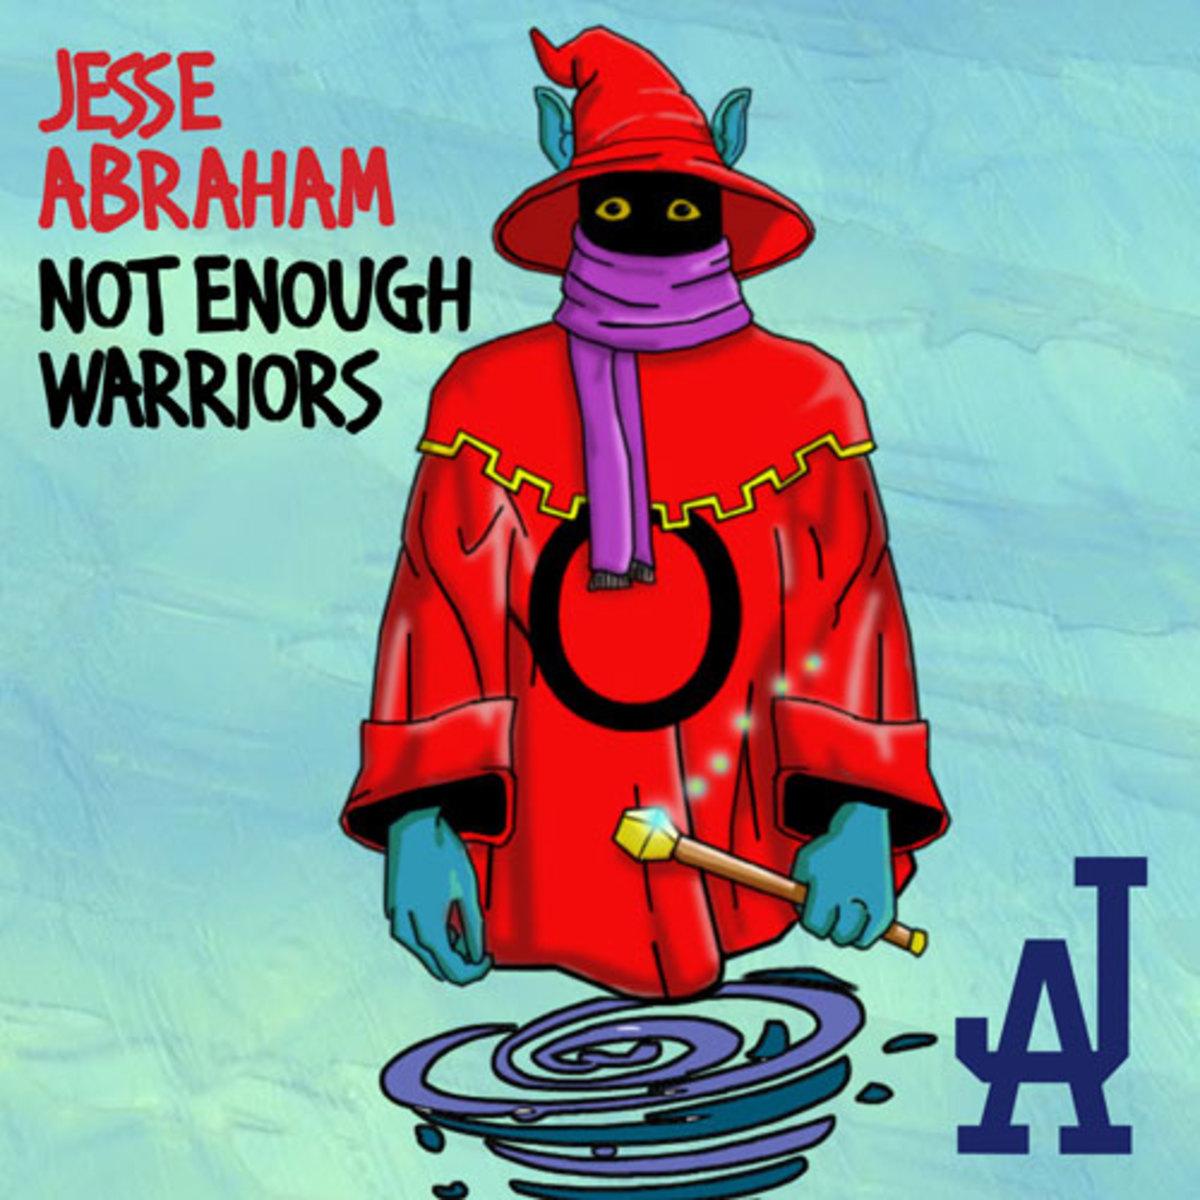 jesseabraham-notenoughwarriors.jpg